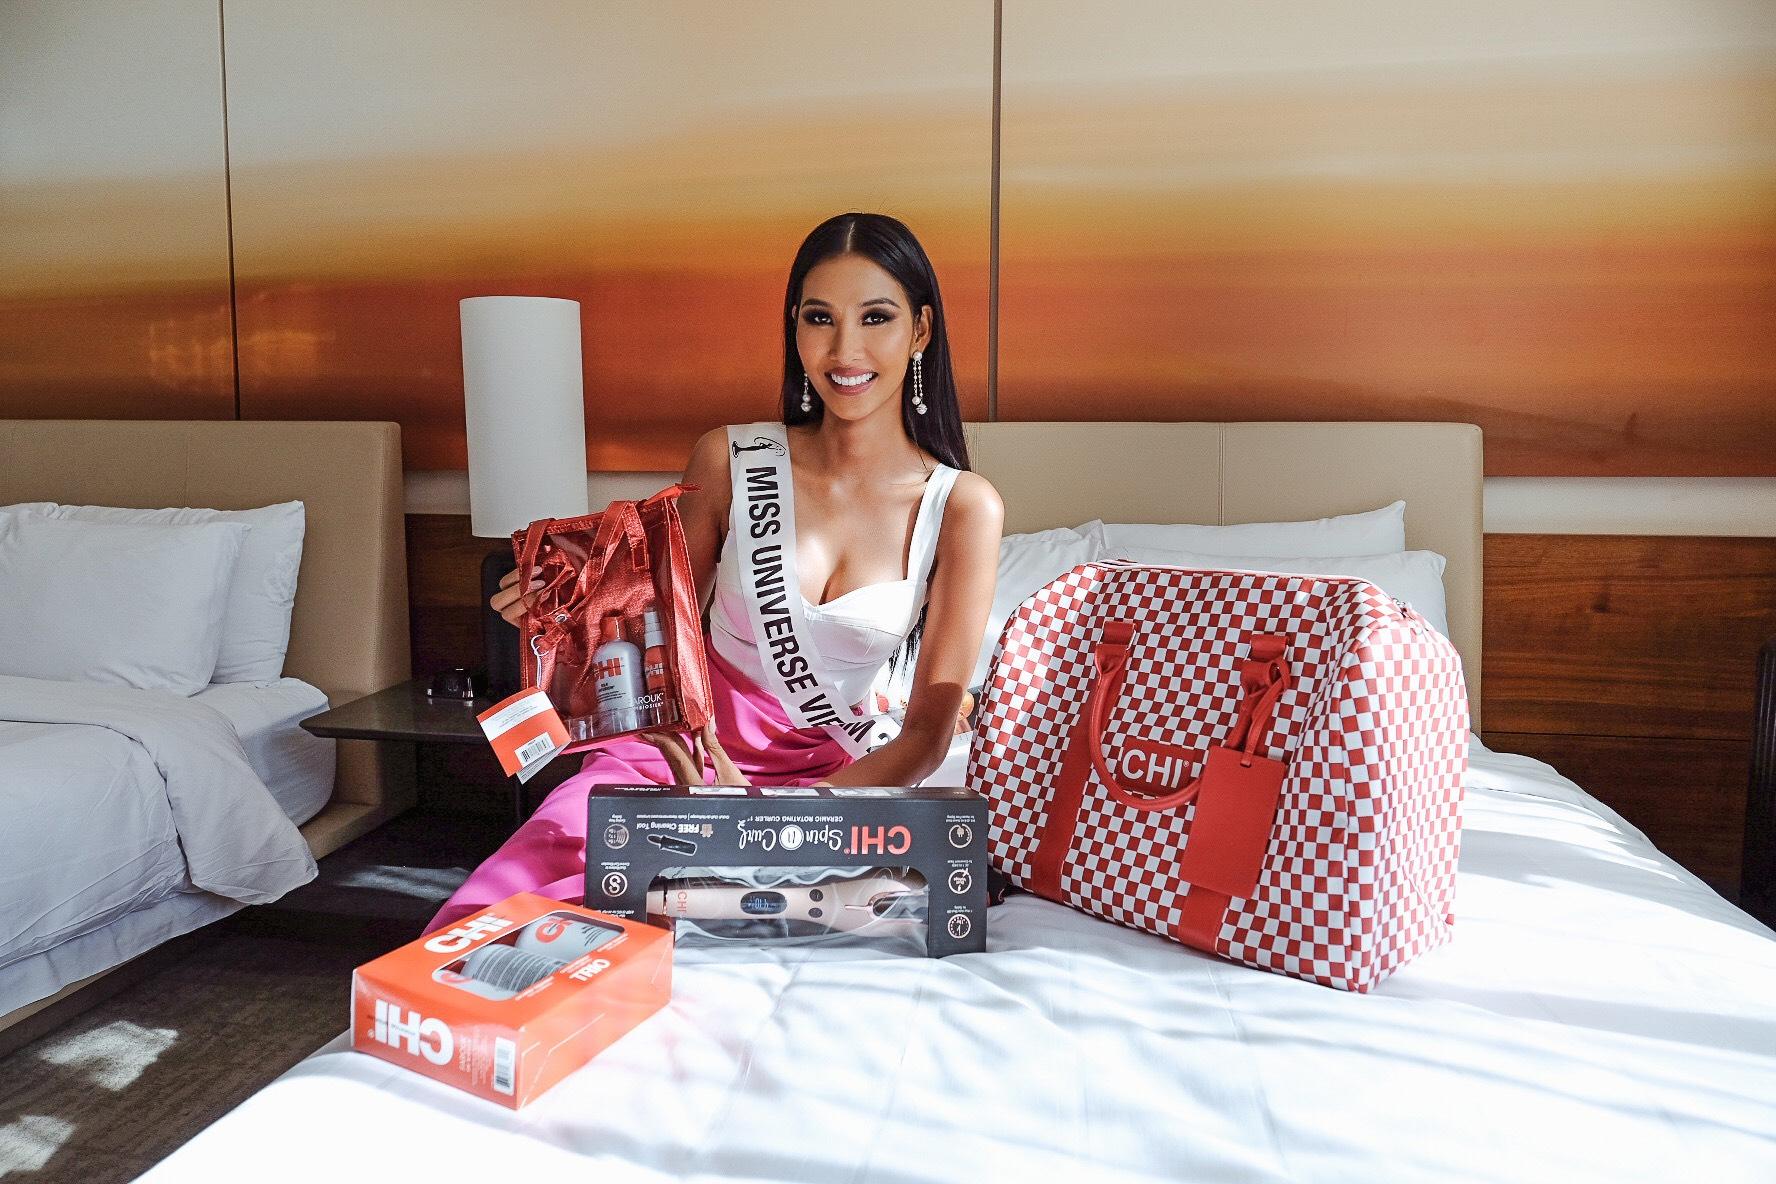 21. Hoàng Thùy chính thức nhập cuộc cùng các thí sinh tại Miss Universe2